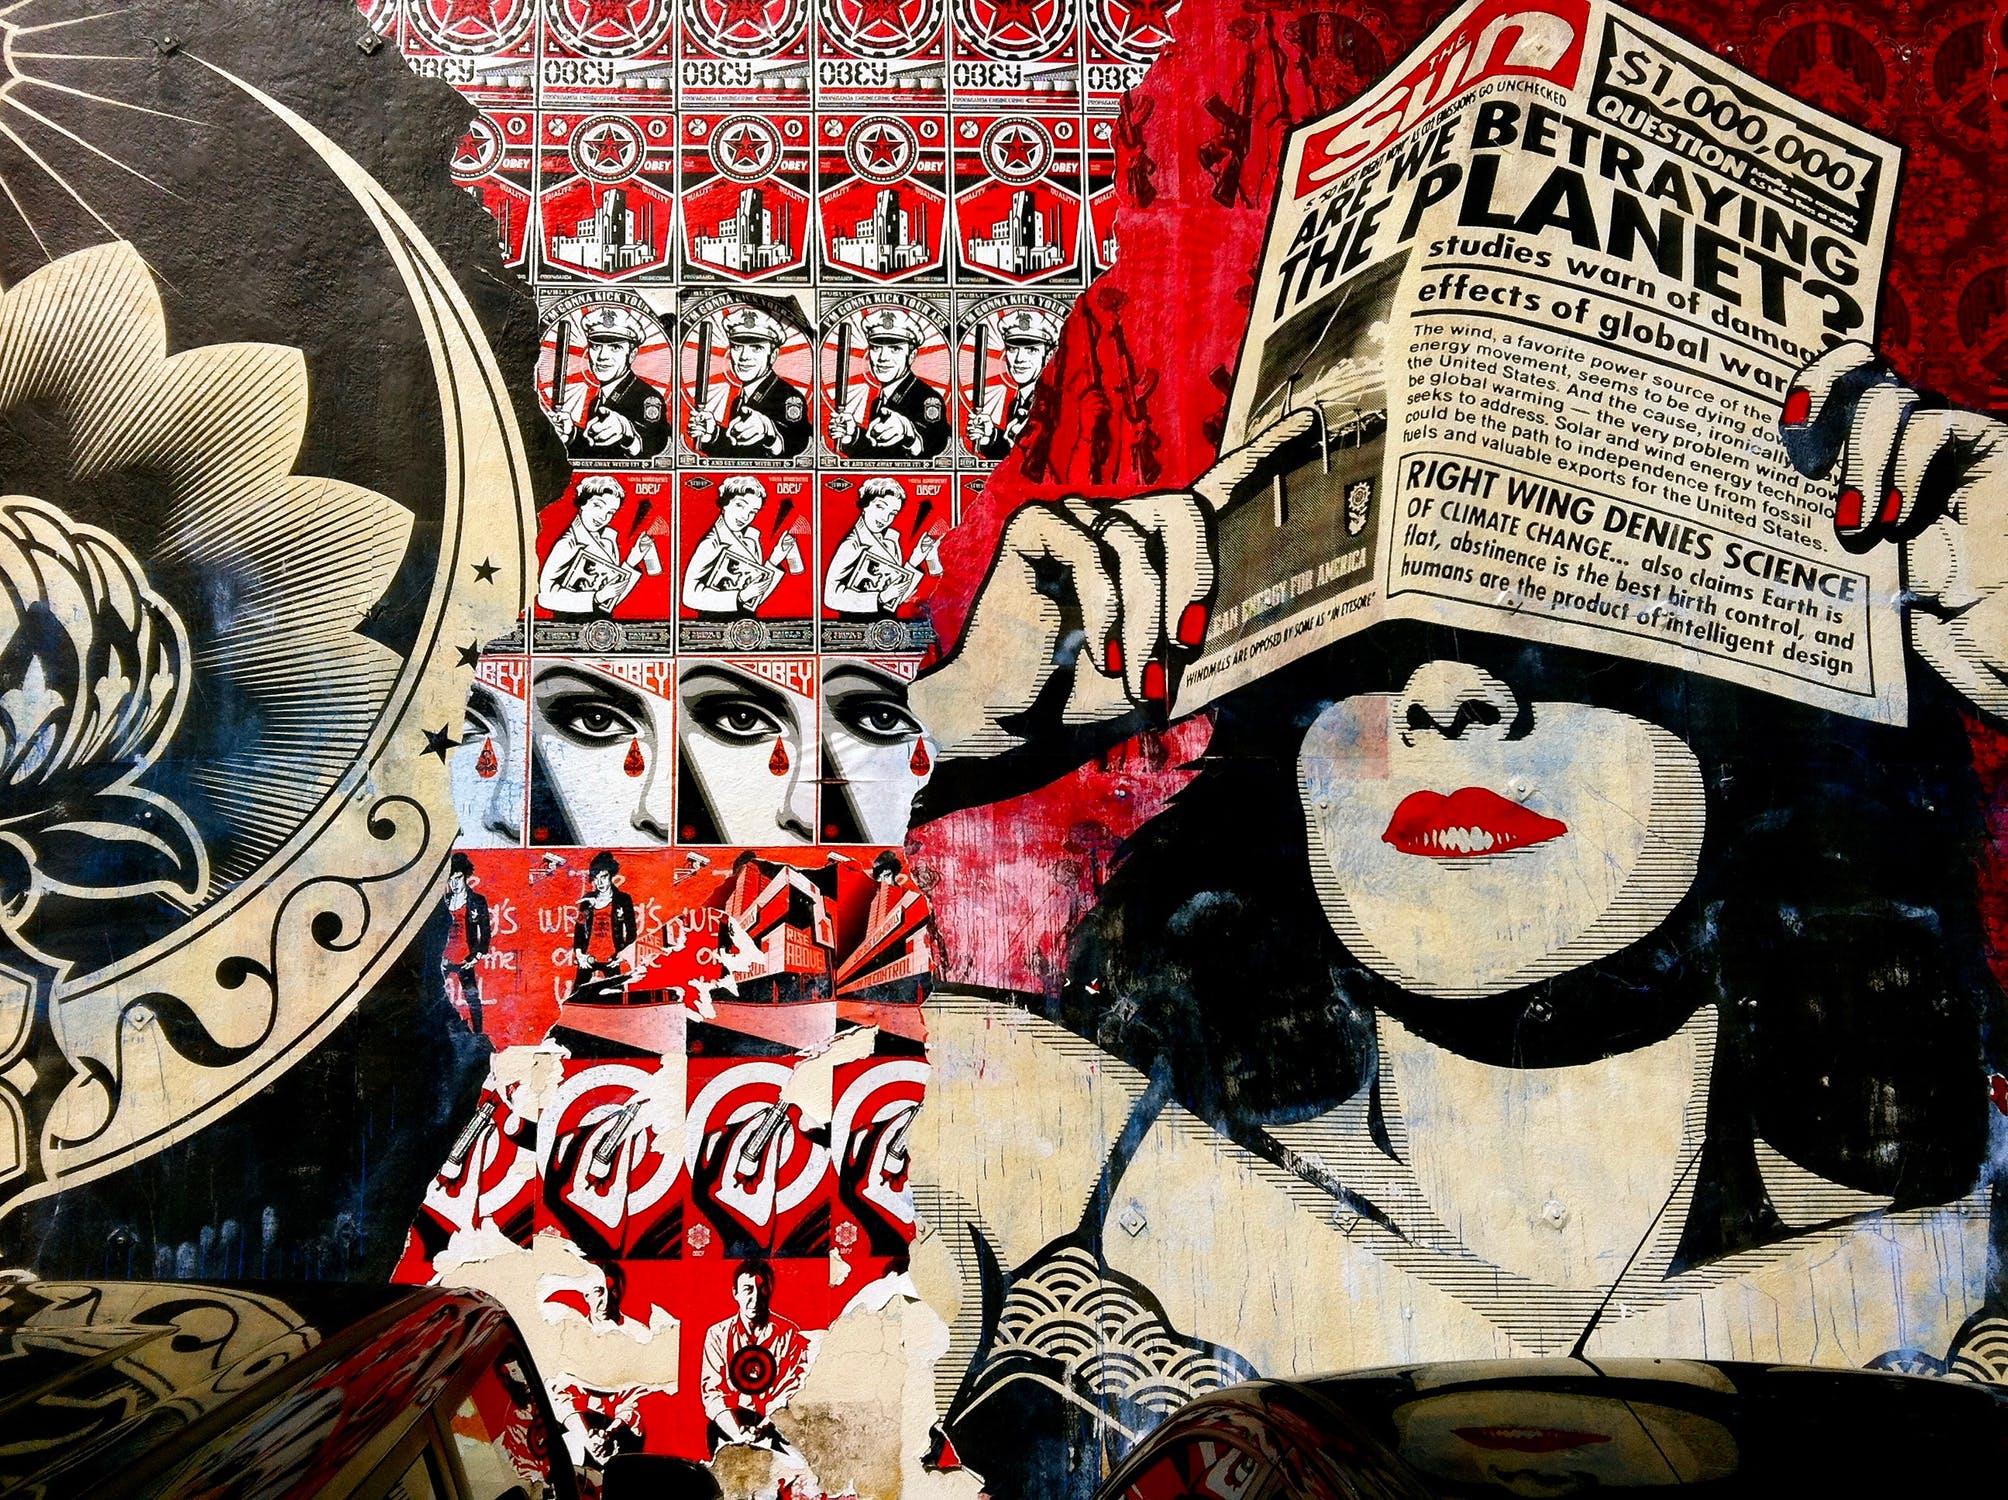 Frau hält sich Boulevardzeitung vor die Augen. Im Hintergrund viele Propagandaplakate.